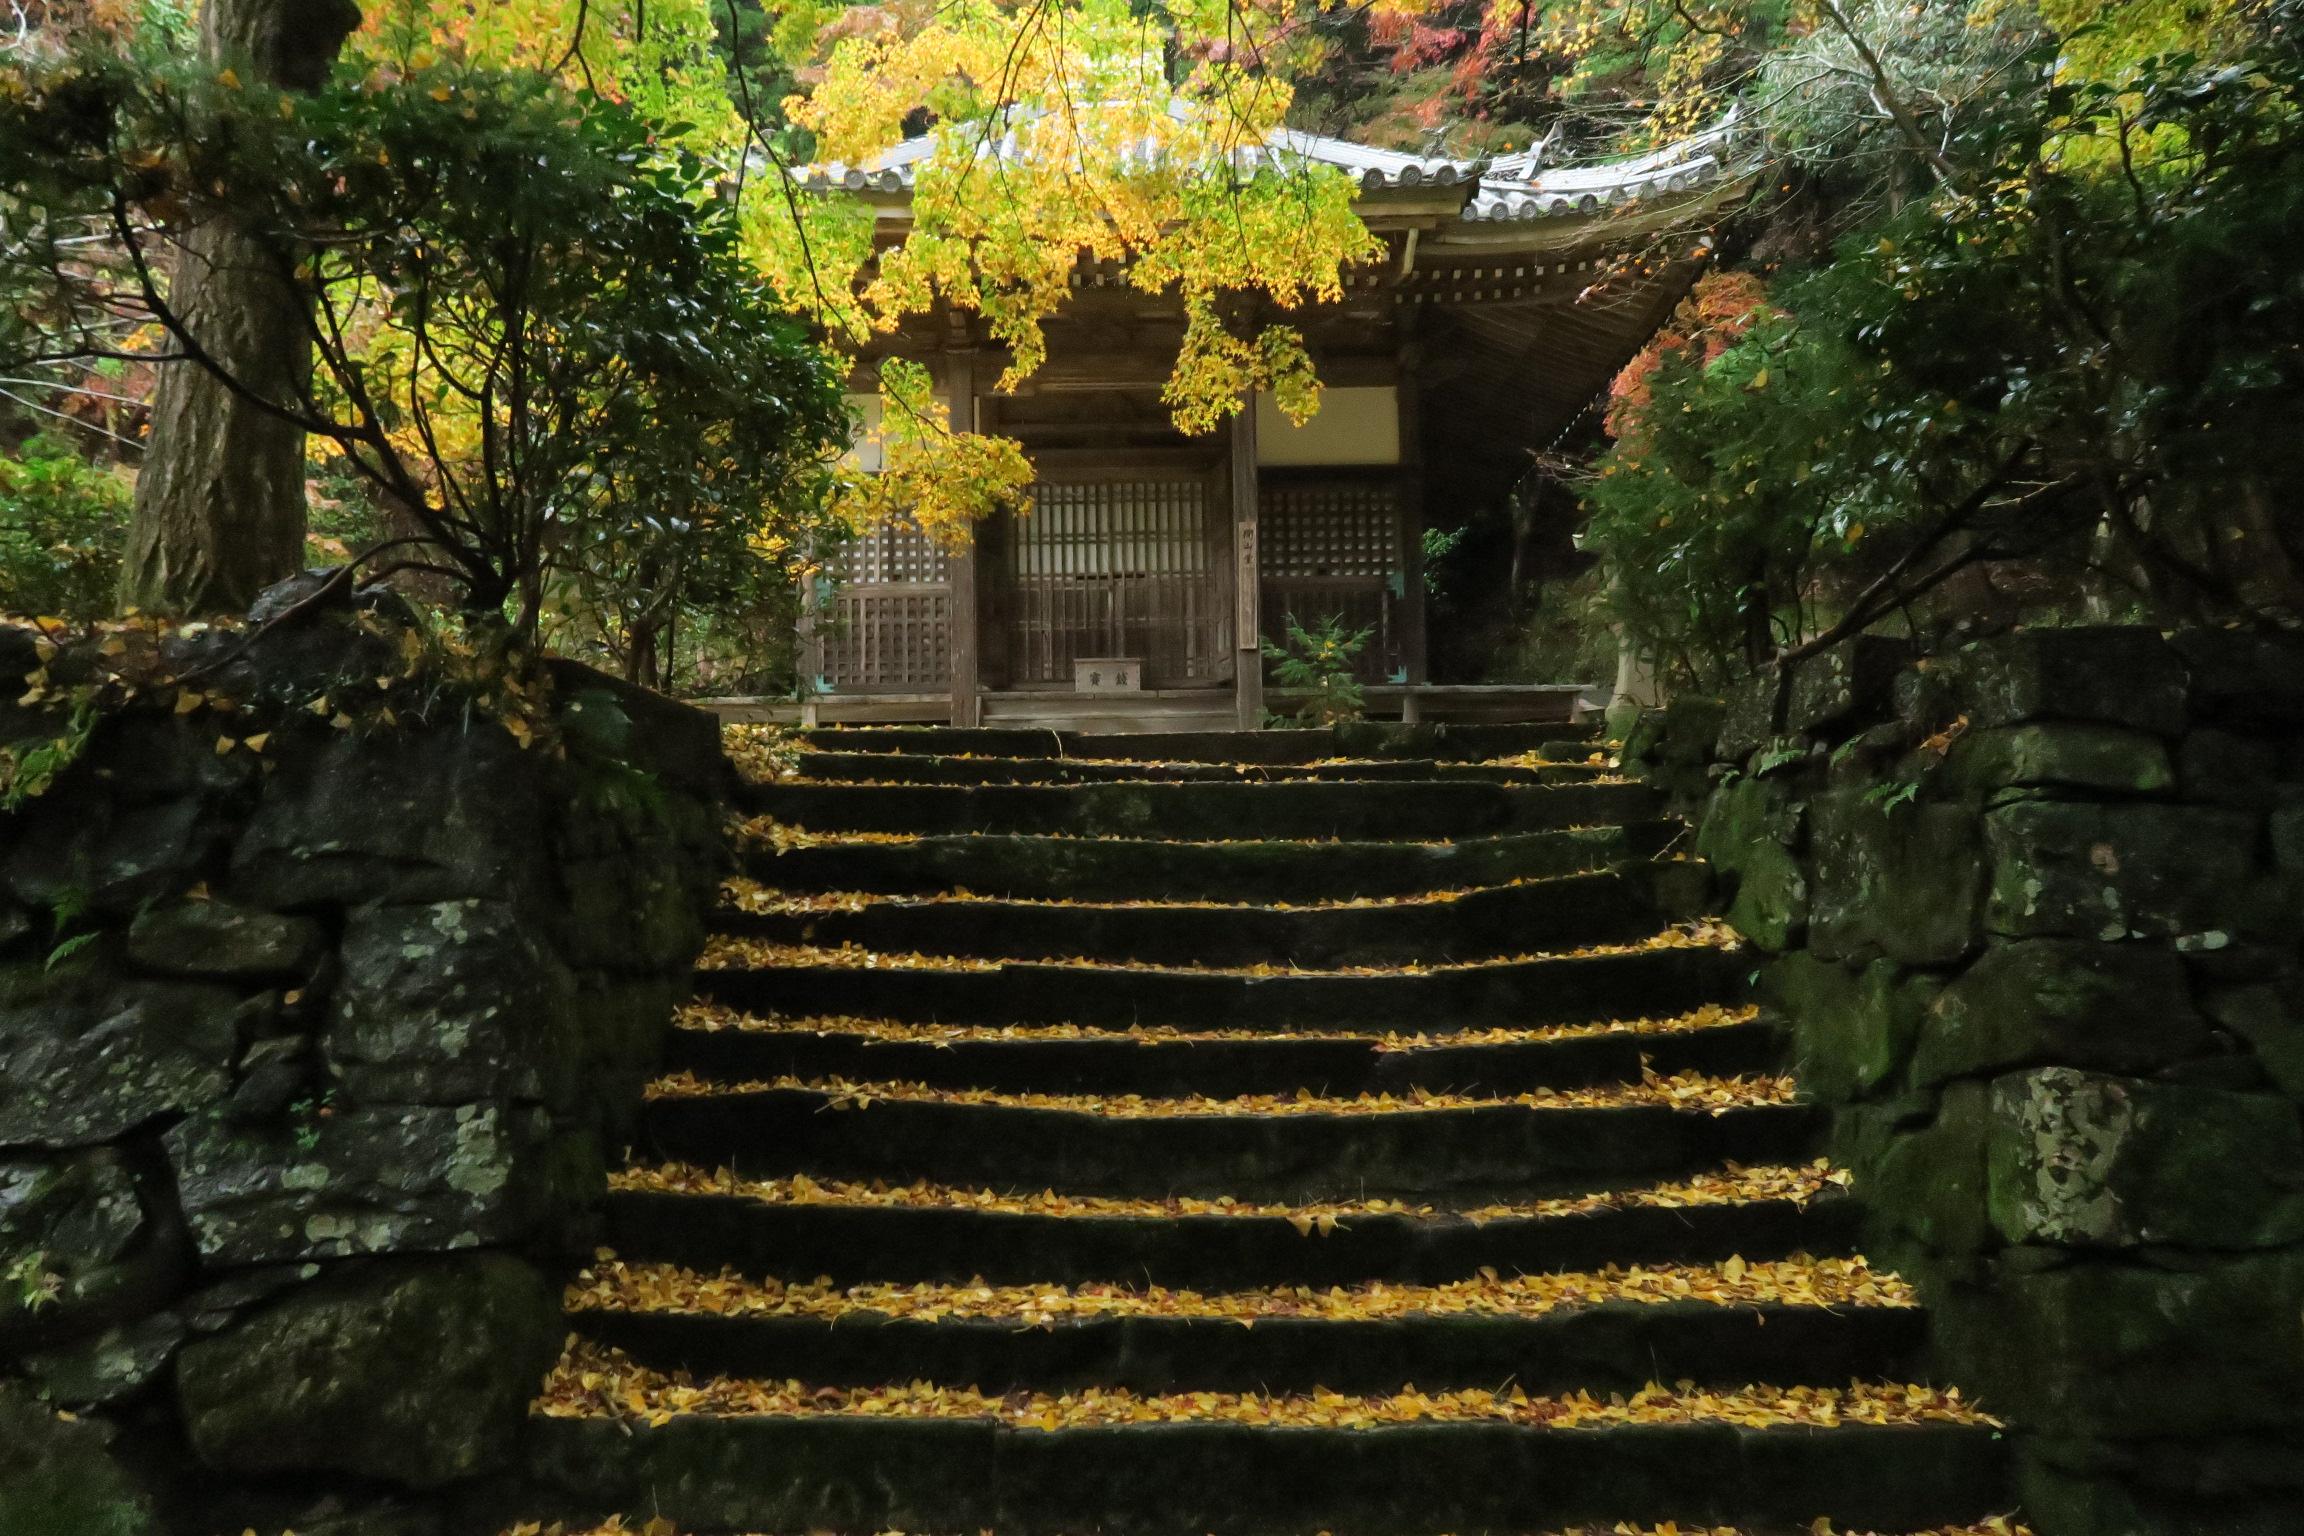 見晴らし台へ向かう途中にある開山堂。イチョウの葉が敷き詰められていました。